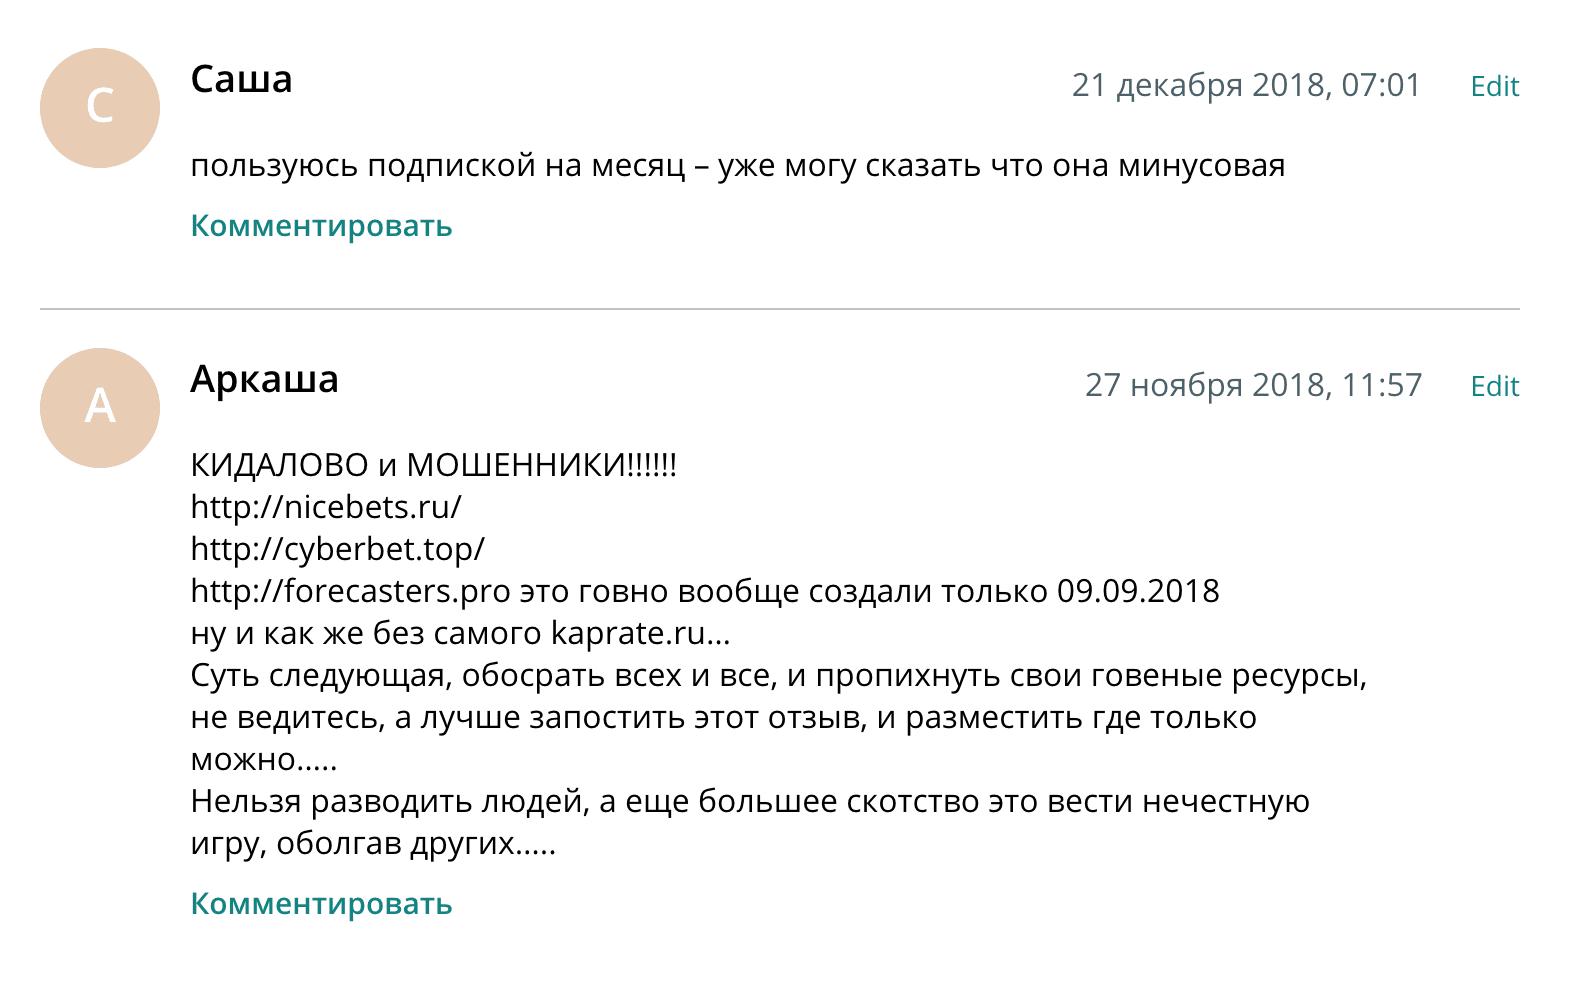 Отзывы о работе каппера Nicebets